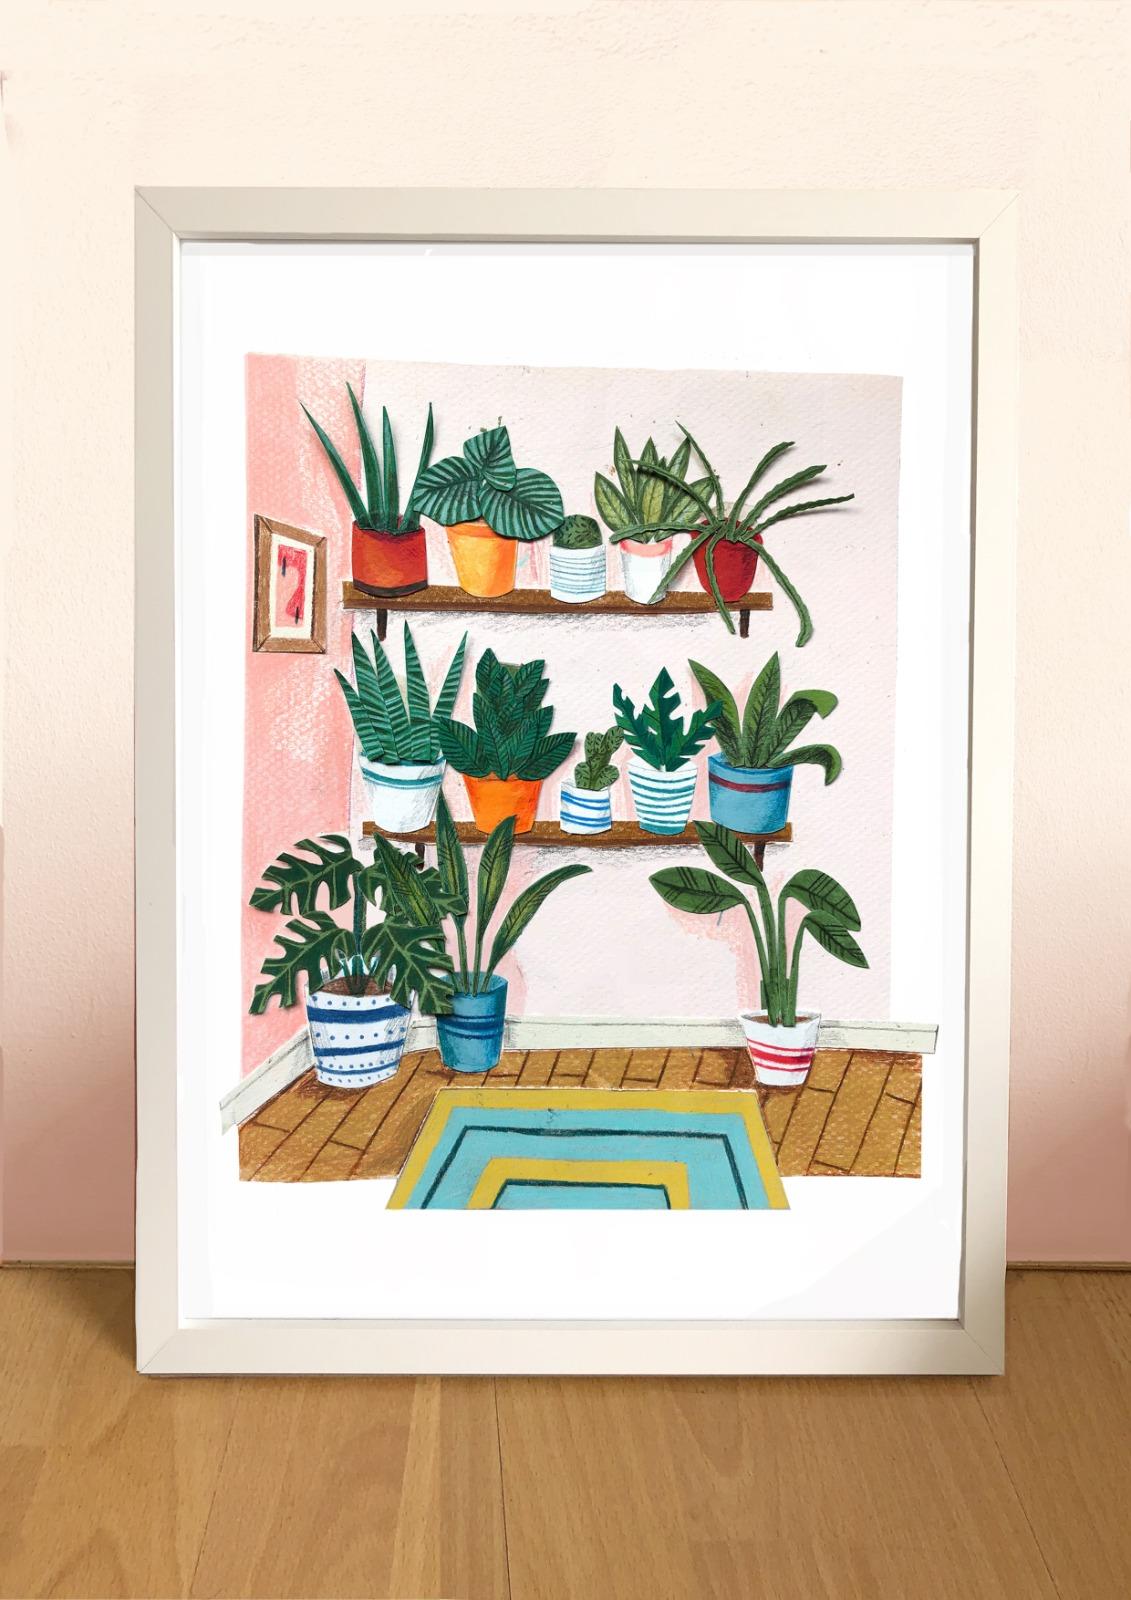 Kaitlin Mechan A4 House Plants Print